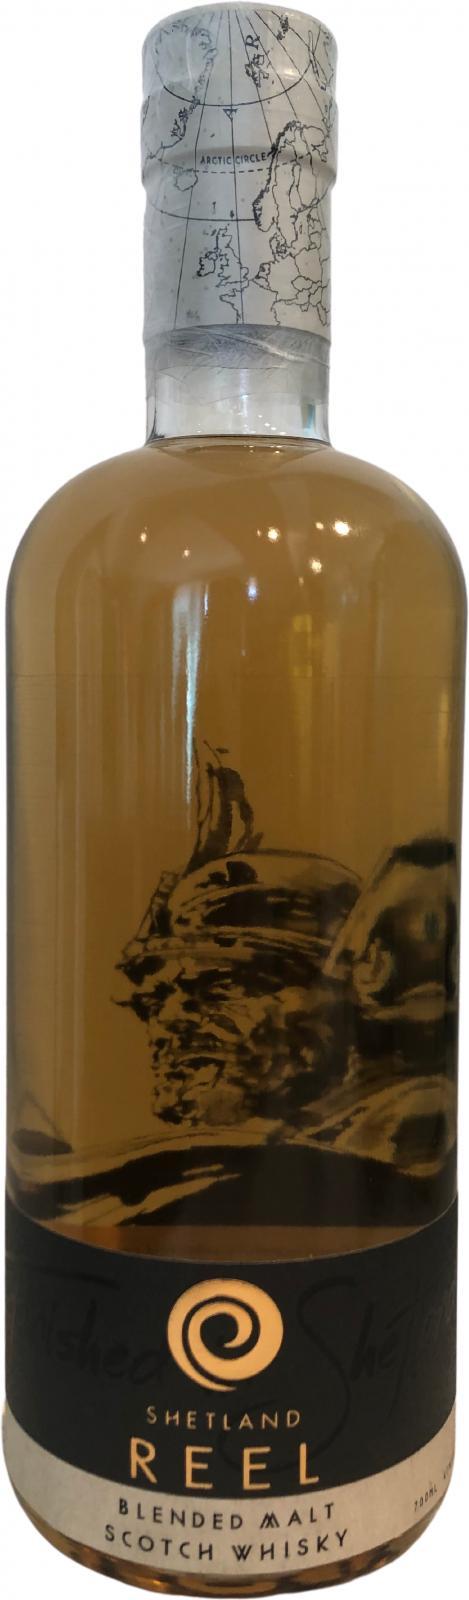 Shetland Reel Blended Malt Scotch Whisky